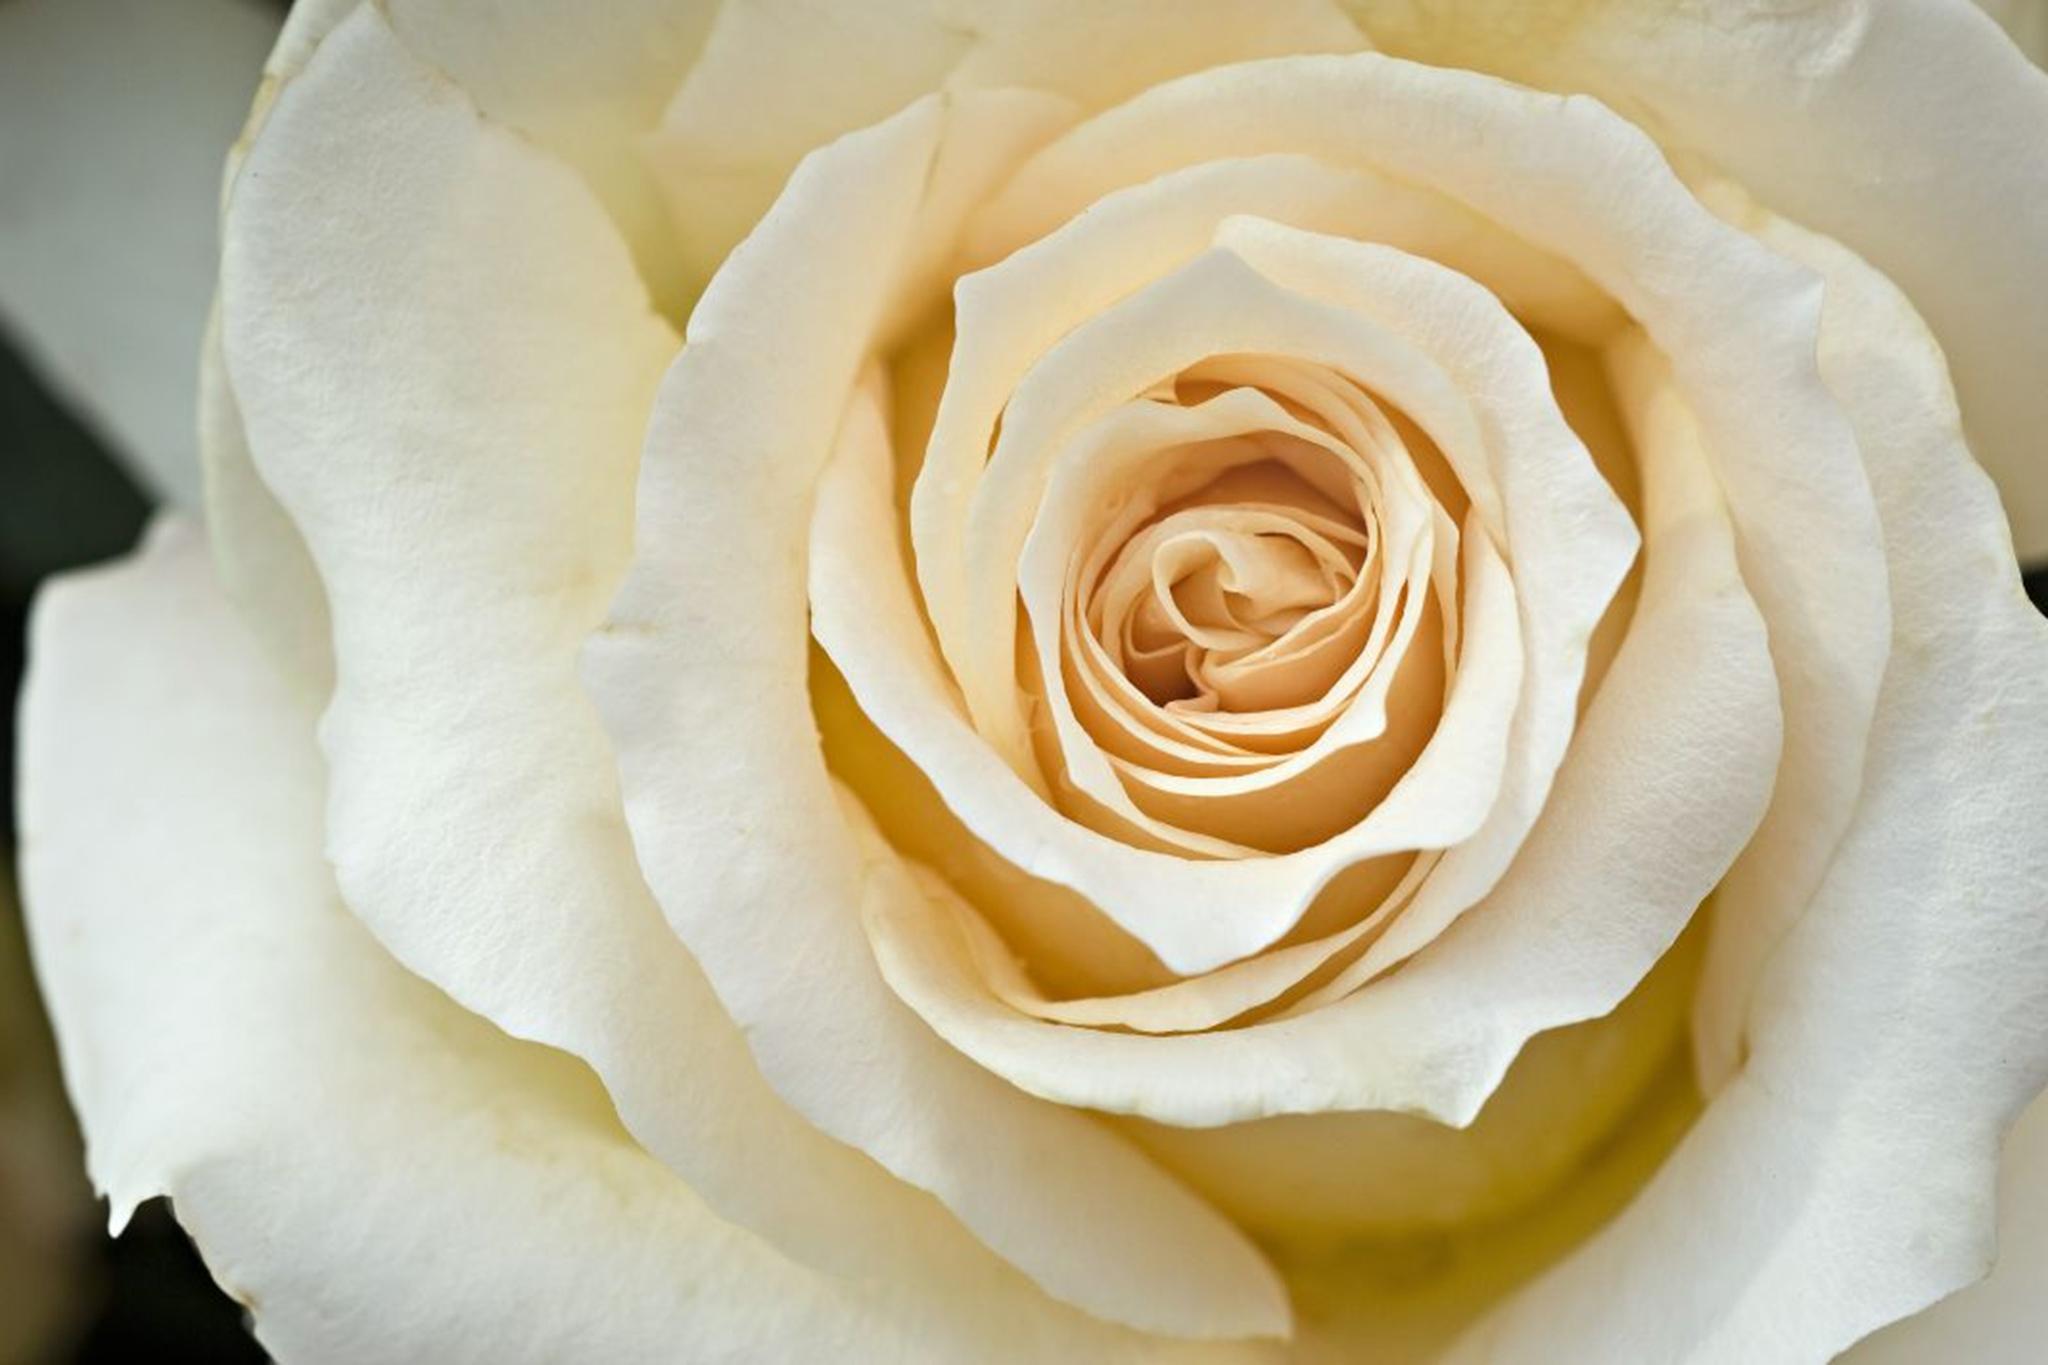 rosa-isnt-she-lovely-2